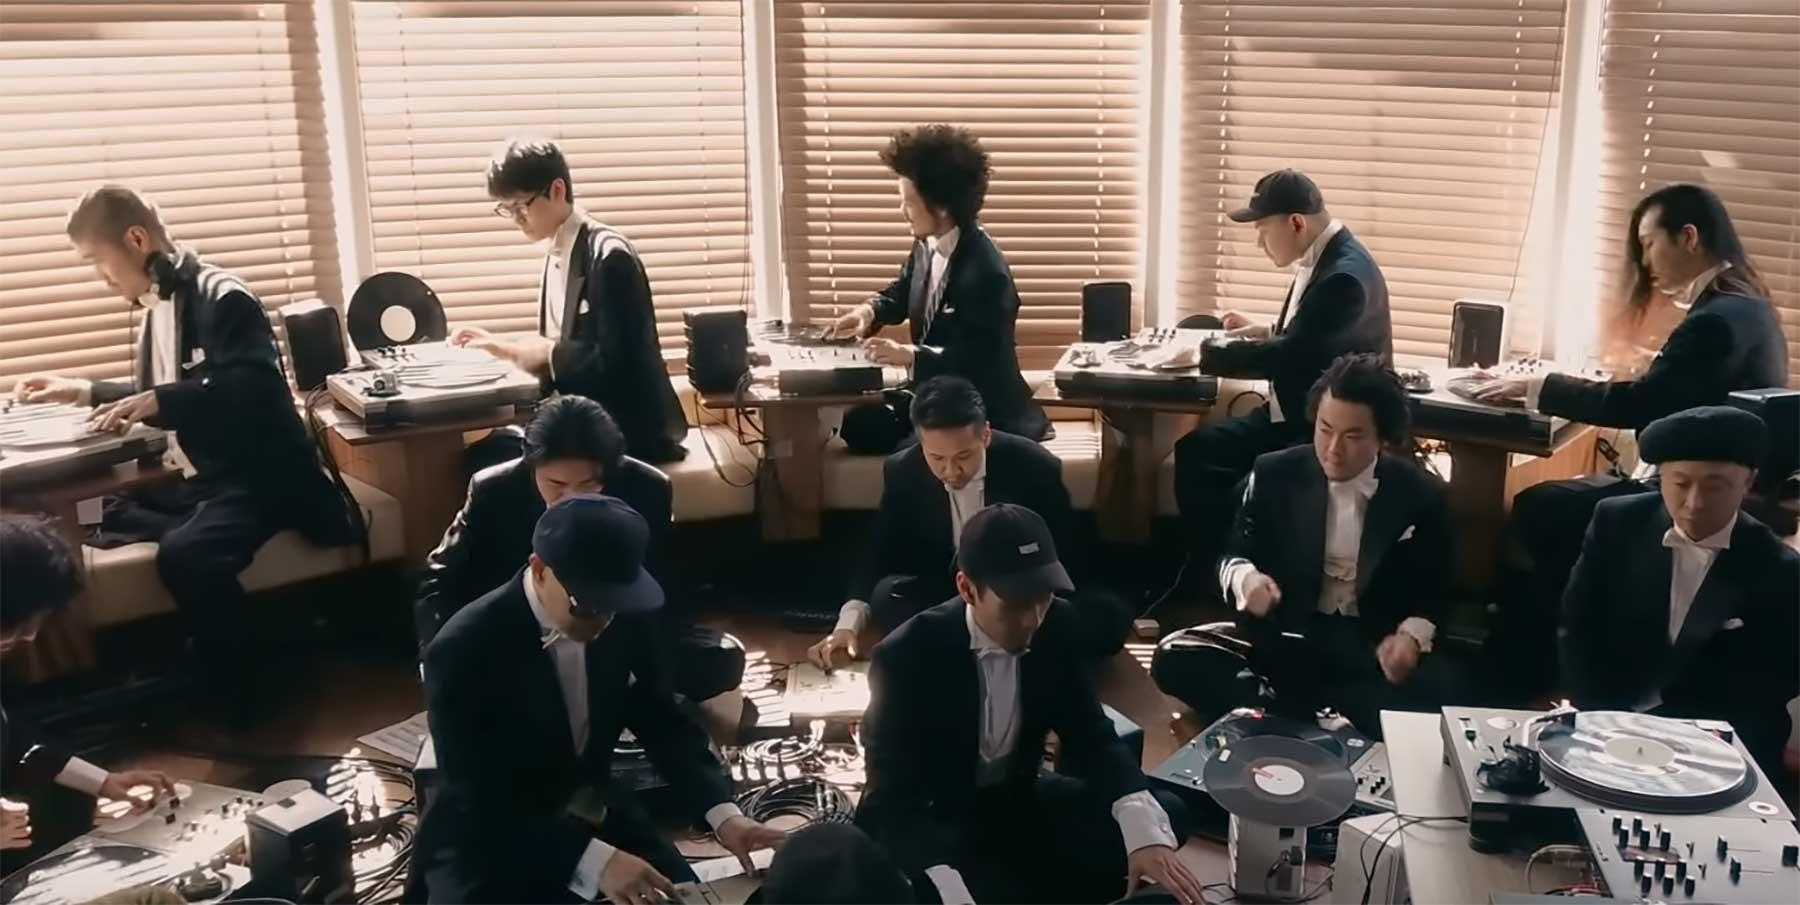 Ein Orchester aus Plattenspielern